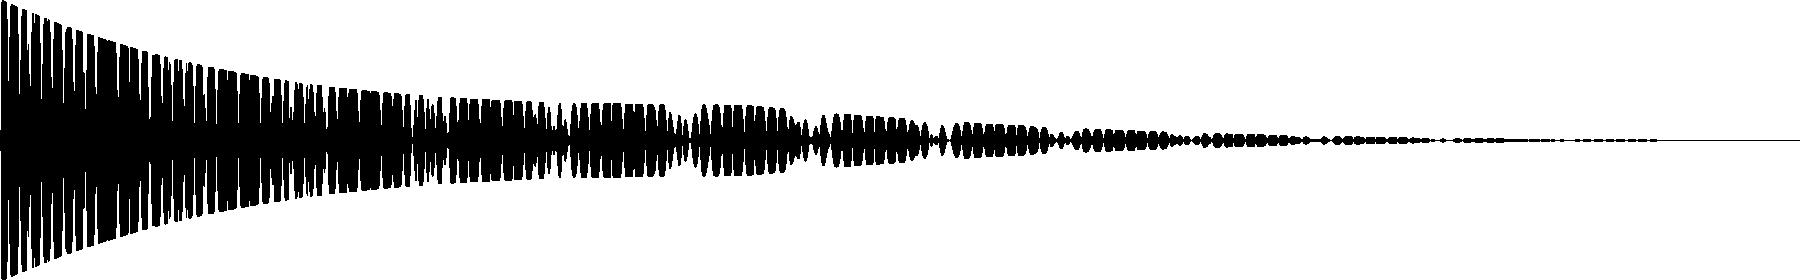 veh2 synths   090 c